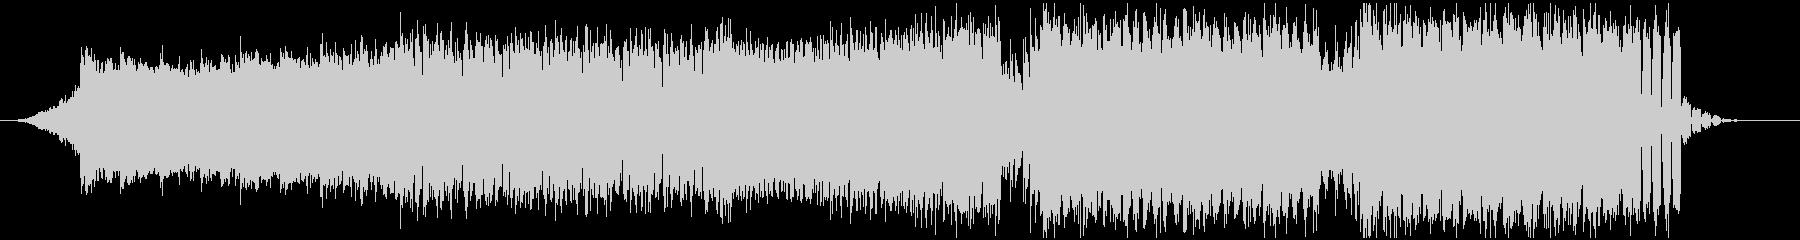 ピアノとシンセ主体のキレイめEDMの未再生の波形